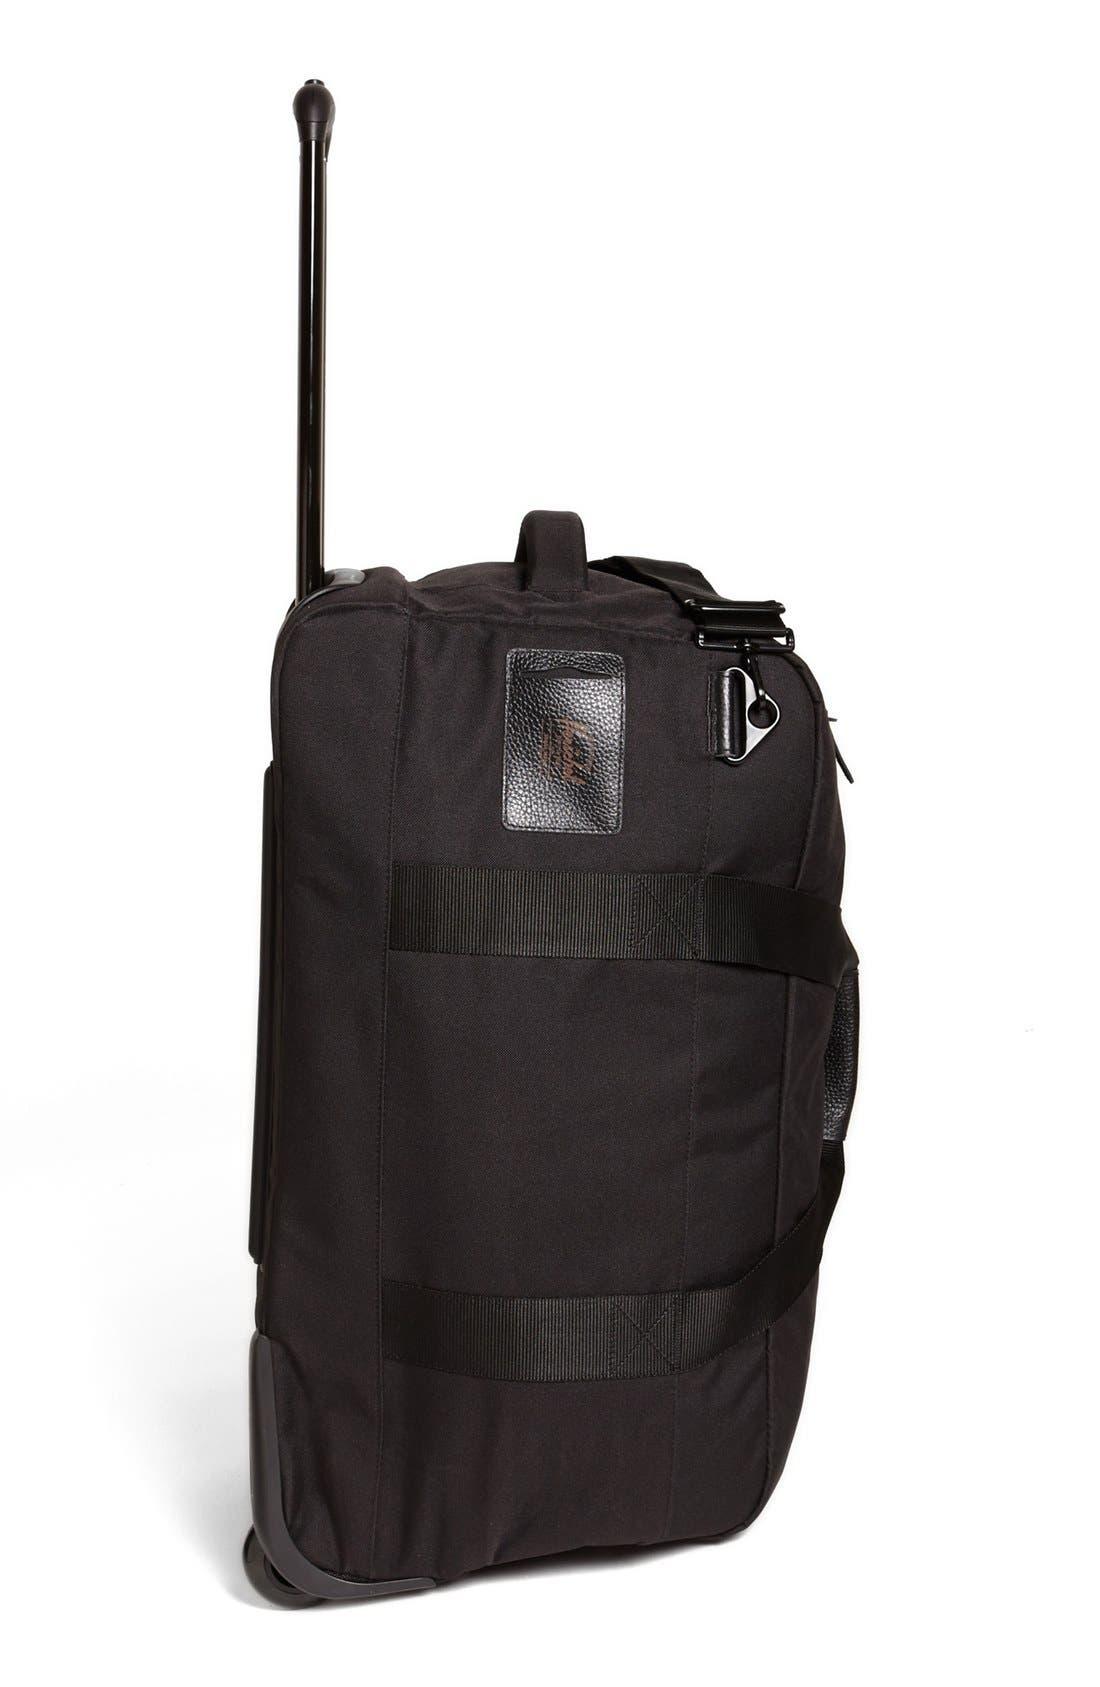 Alternate Image 2  - Herschel Supply Co. 'Wheelie Outfitter' Travel Bag (24 Inch)